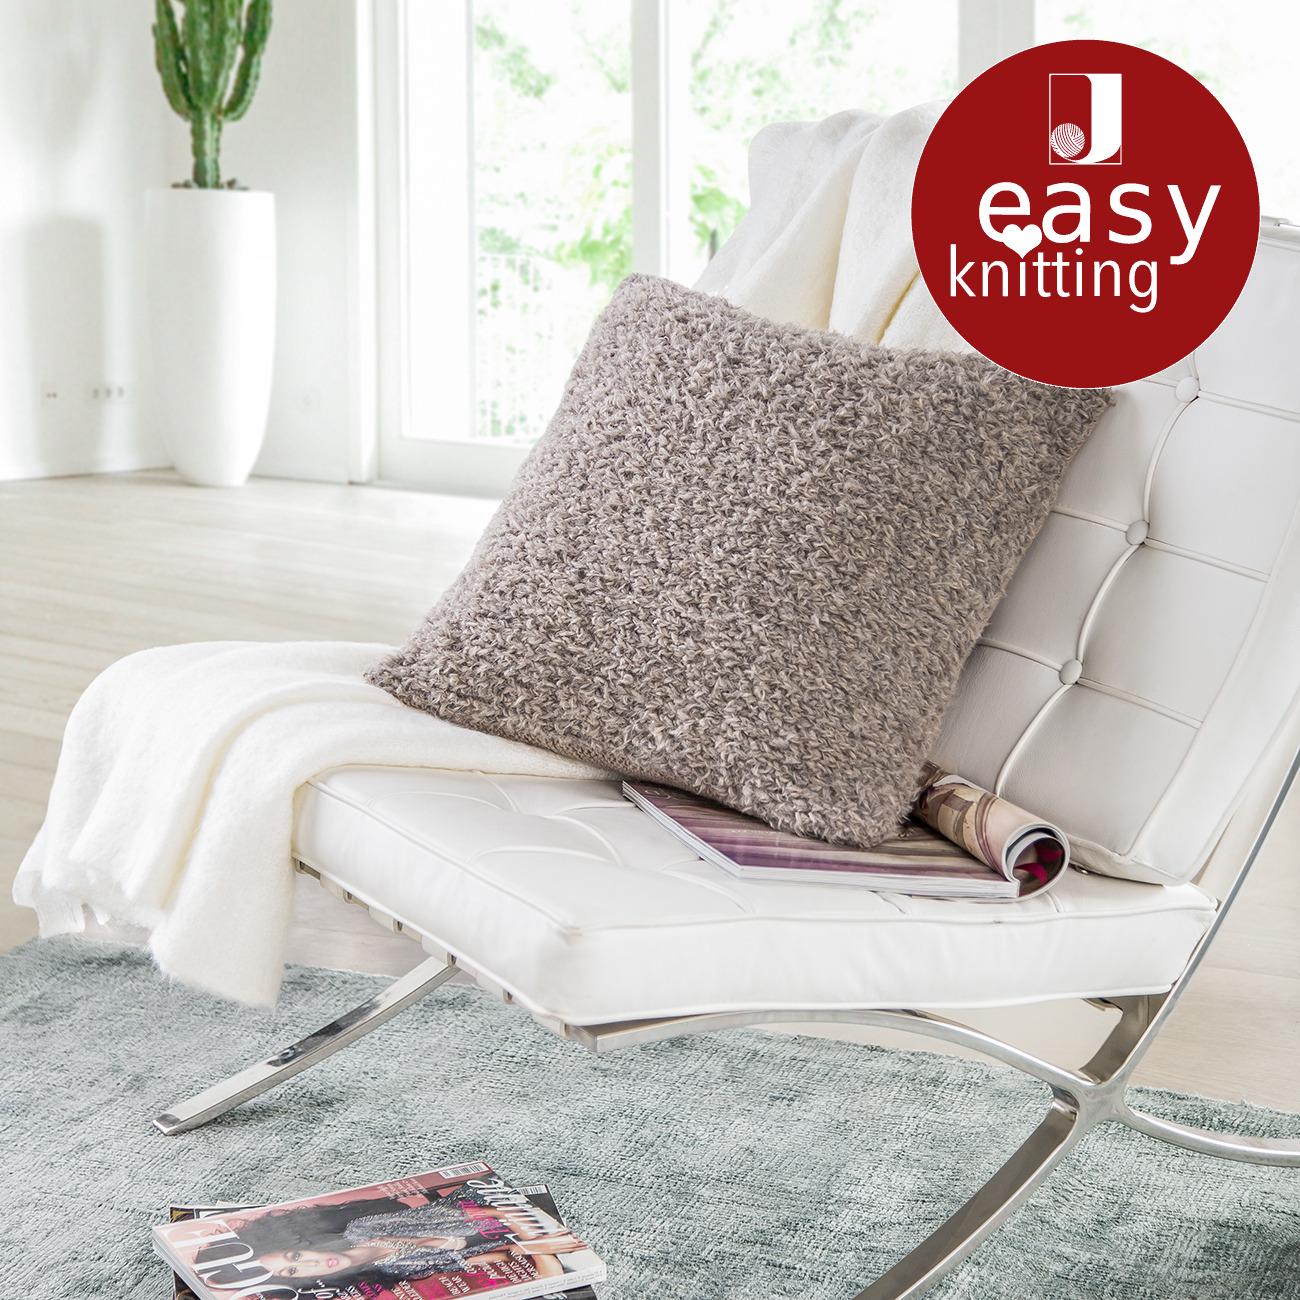 anleitung 284 6 kissenh lle aus pellini und merino classic von junghans wolle 2 versch farben. Black Bedroom Furniture Sets. Home Design Ideas